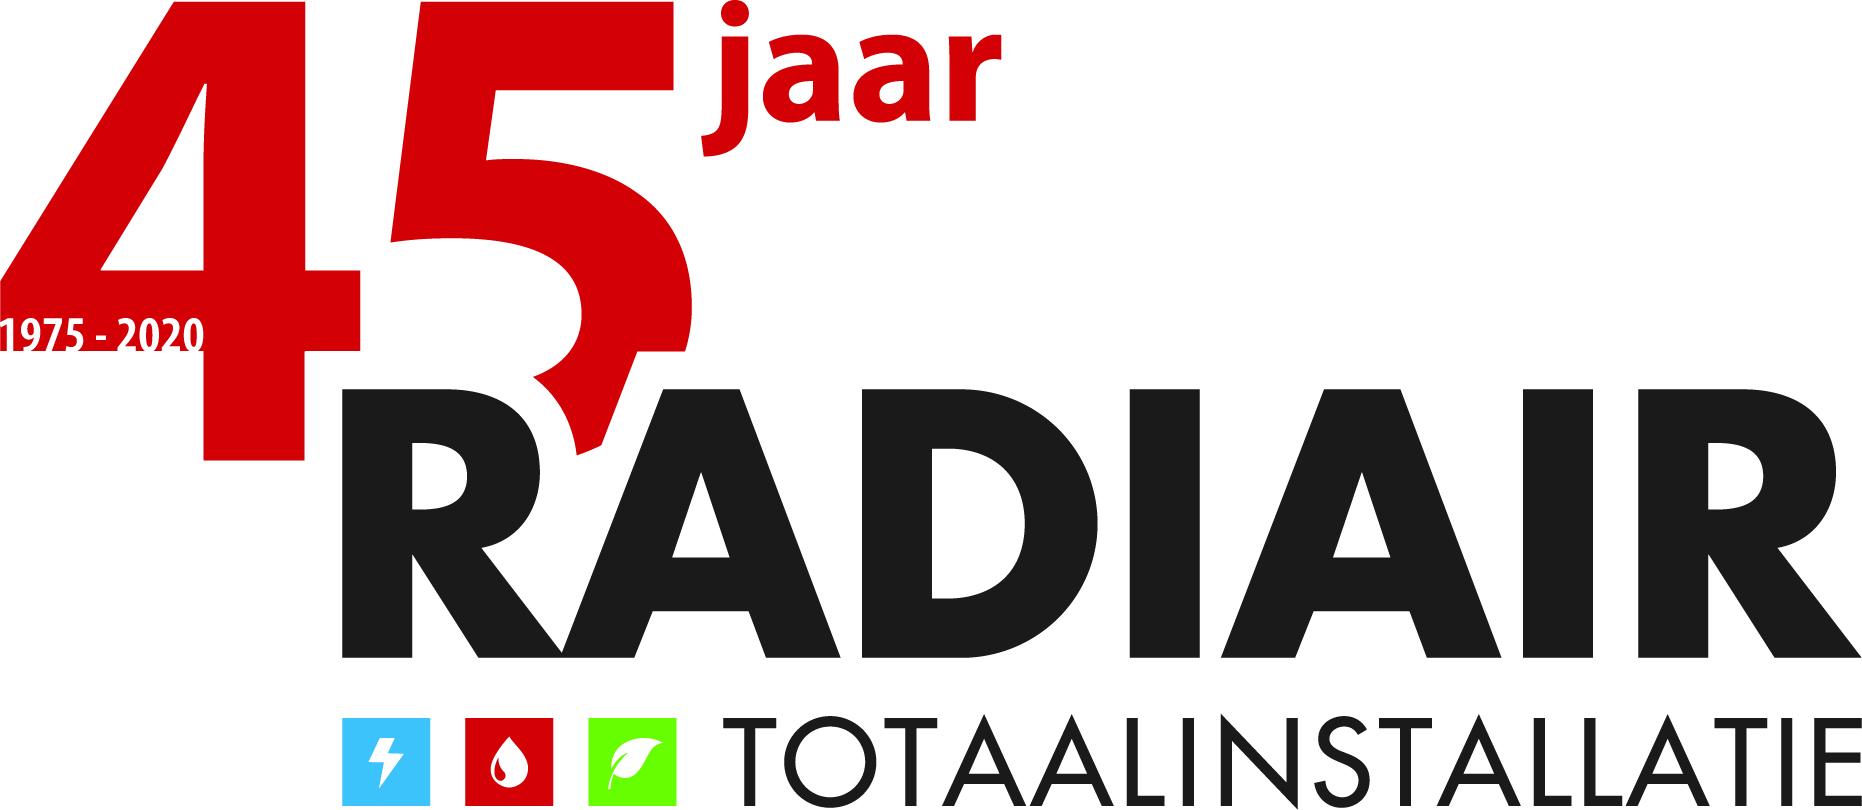 Radiair Totaalinstallatie bestaat 45 jaar!